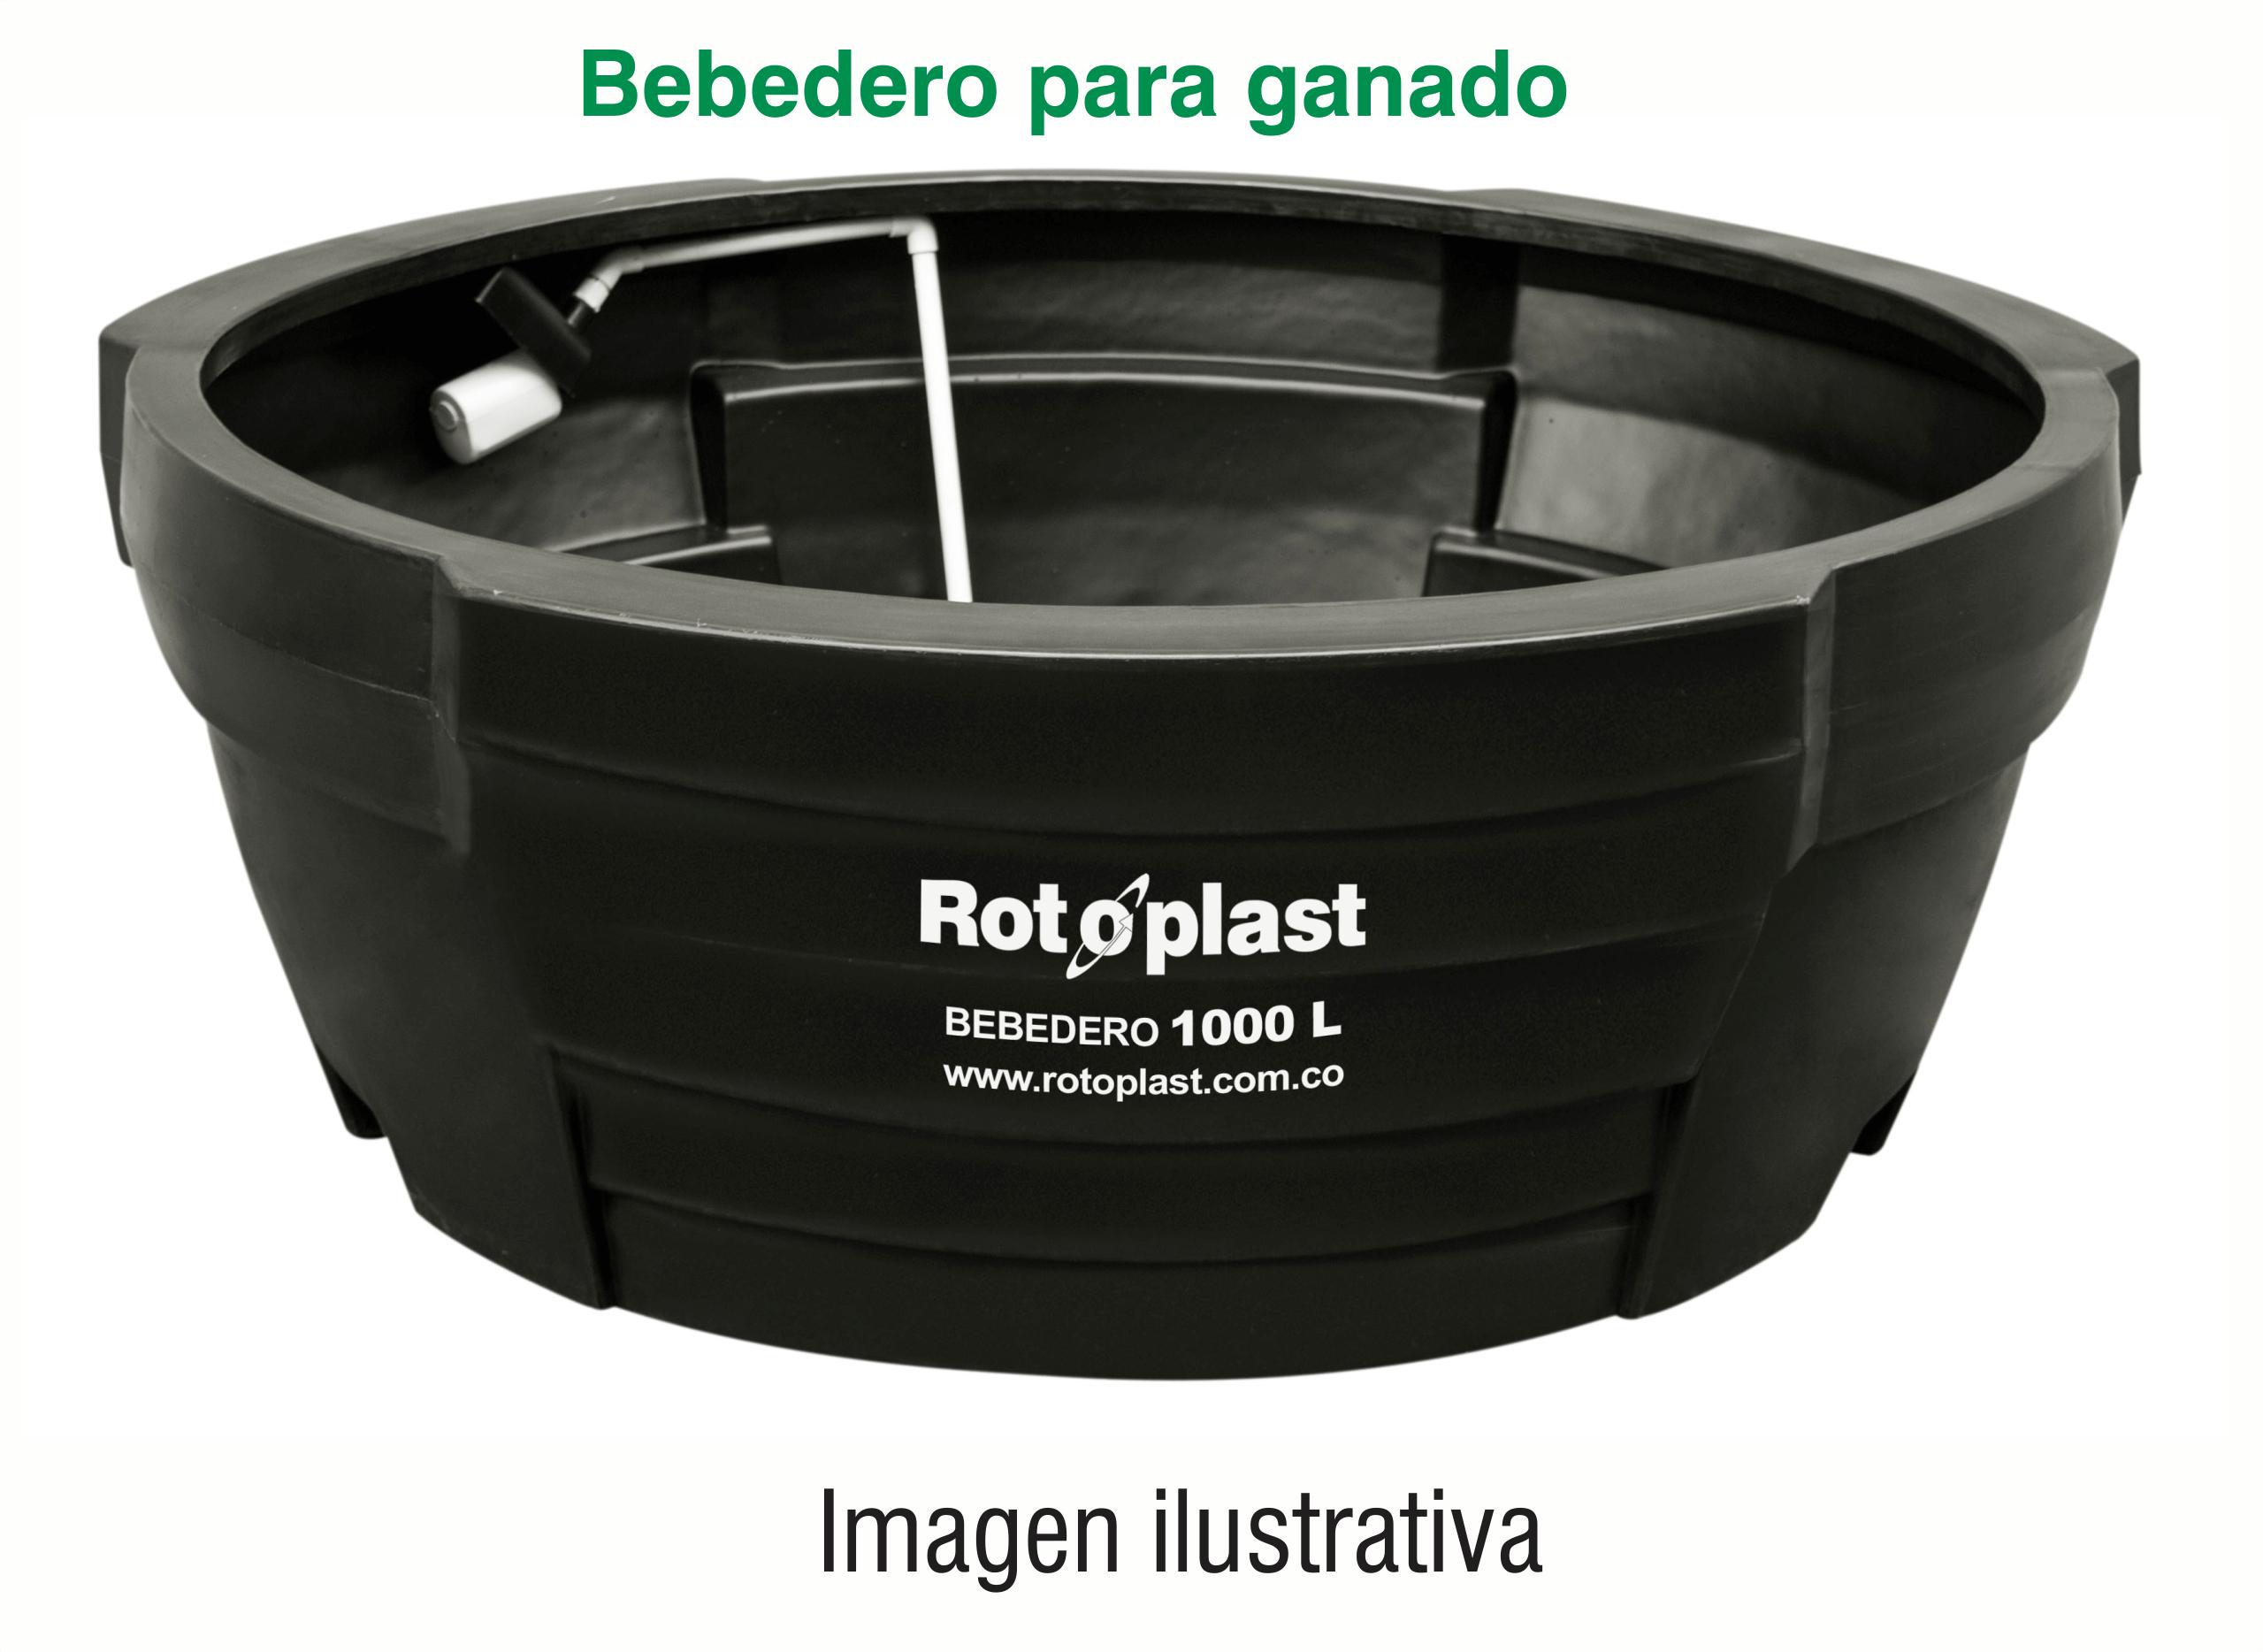 Bebedero para ganado rotoplast  1000 lt